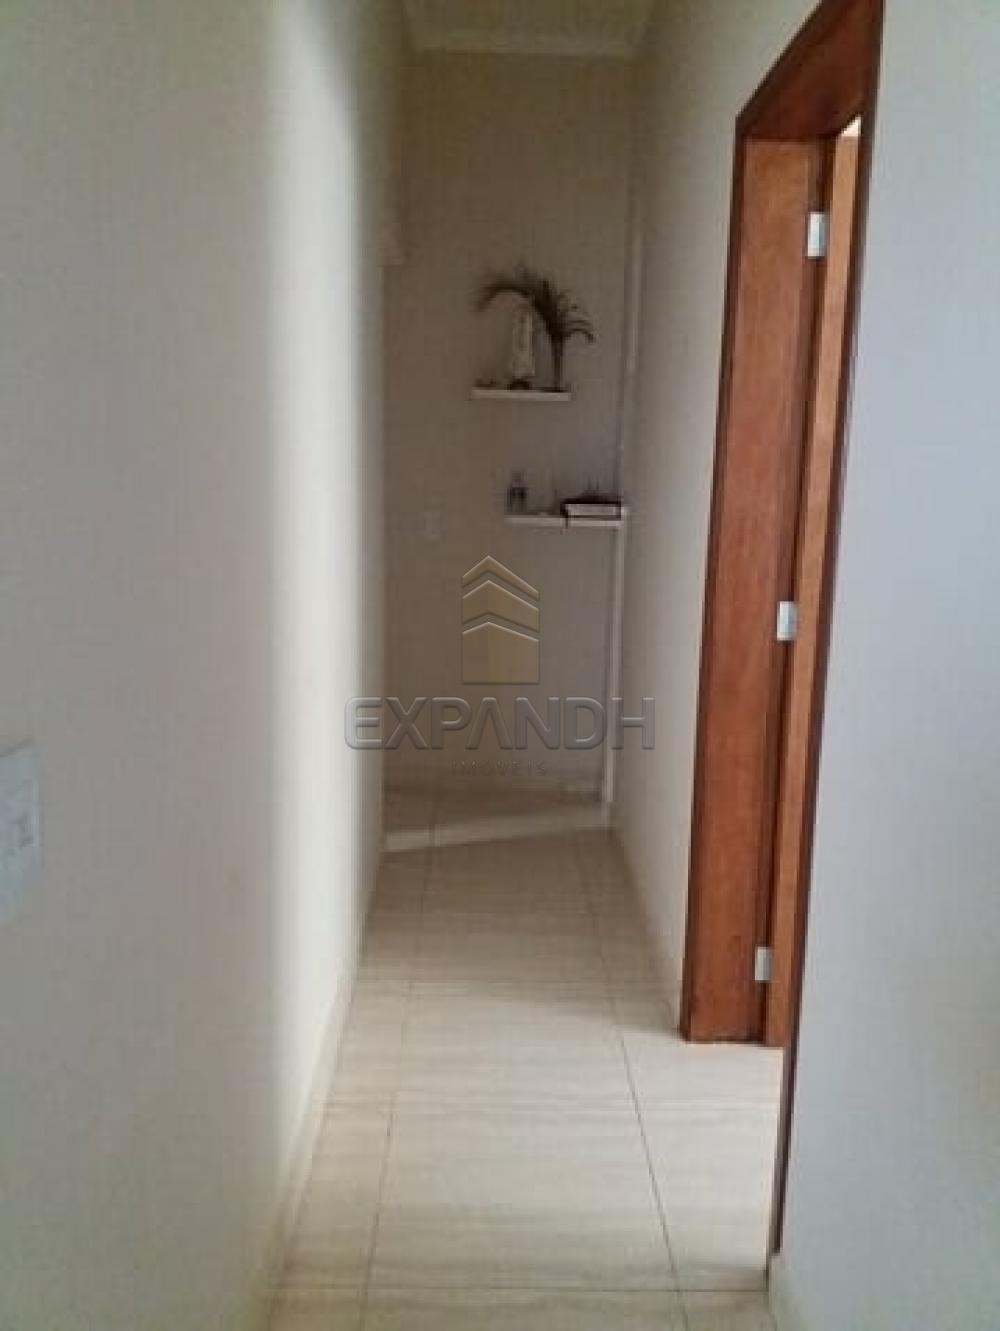 Comprar Casas / Padrão em Sertãozinho R$ 370.000,00 - Foto 13